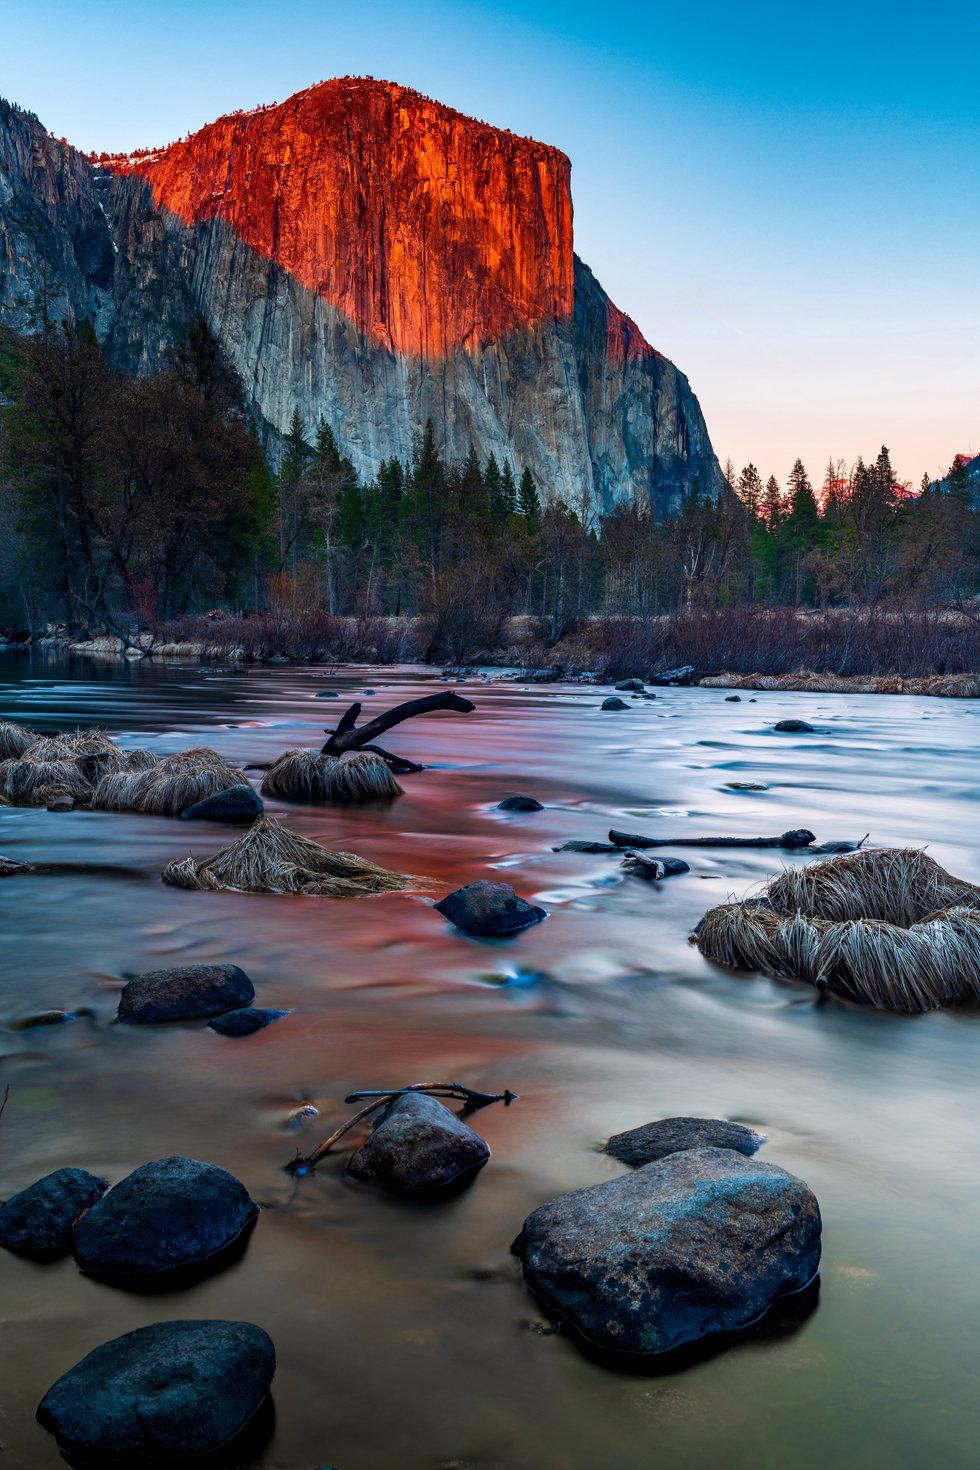 Red El Cap